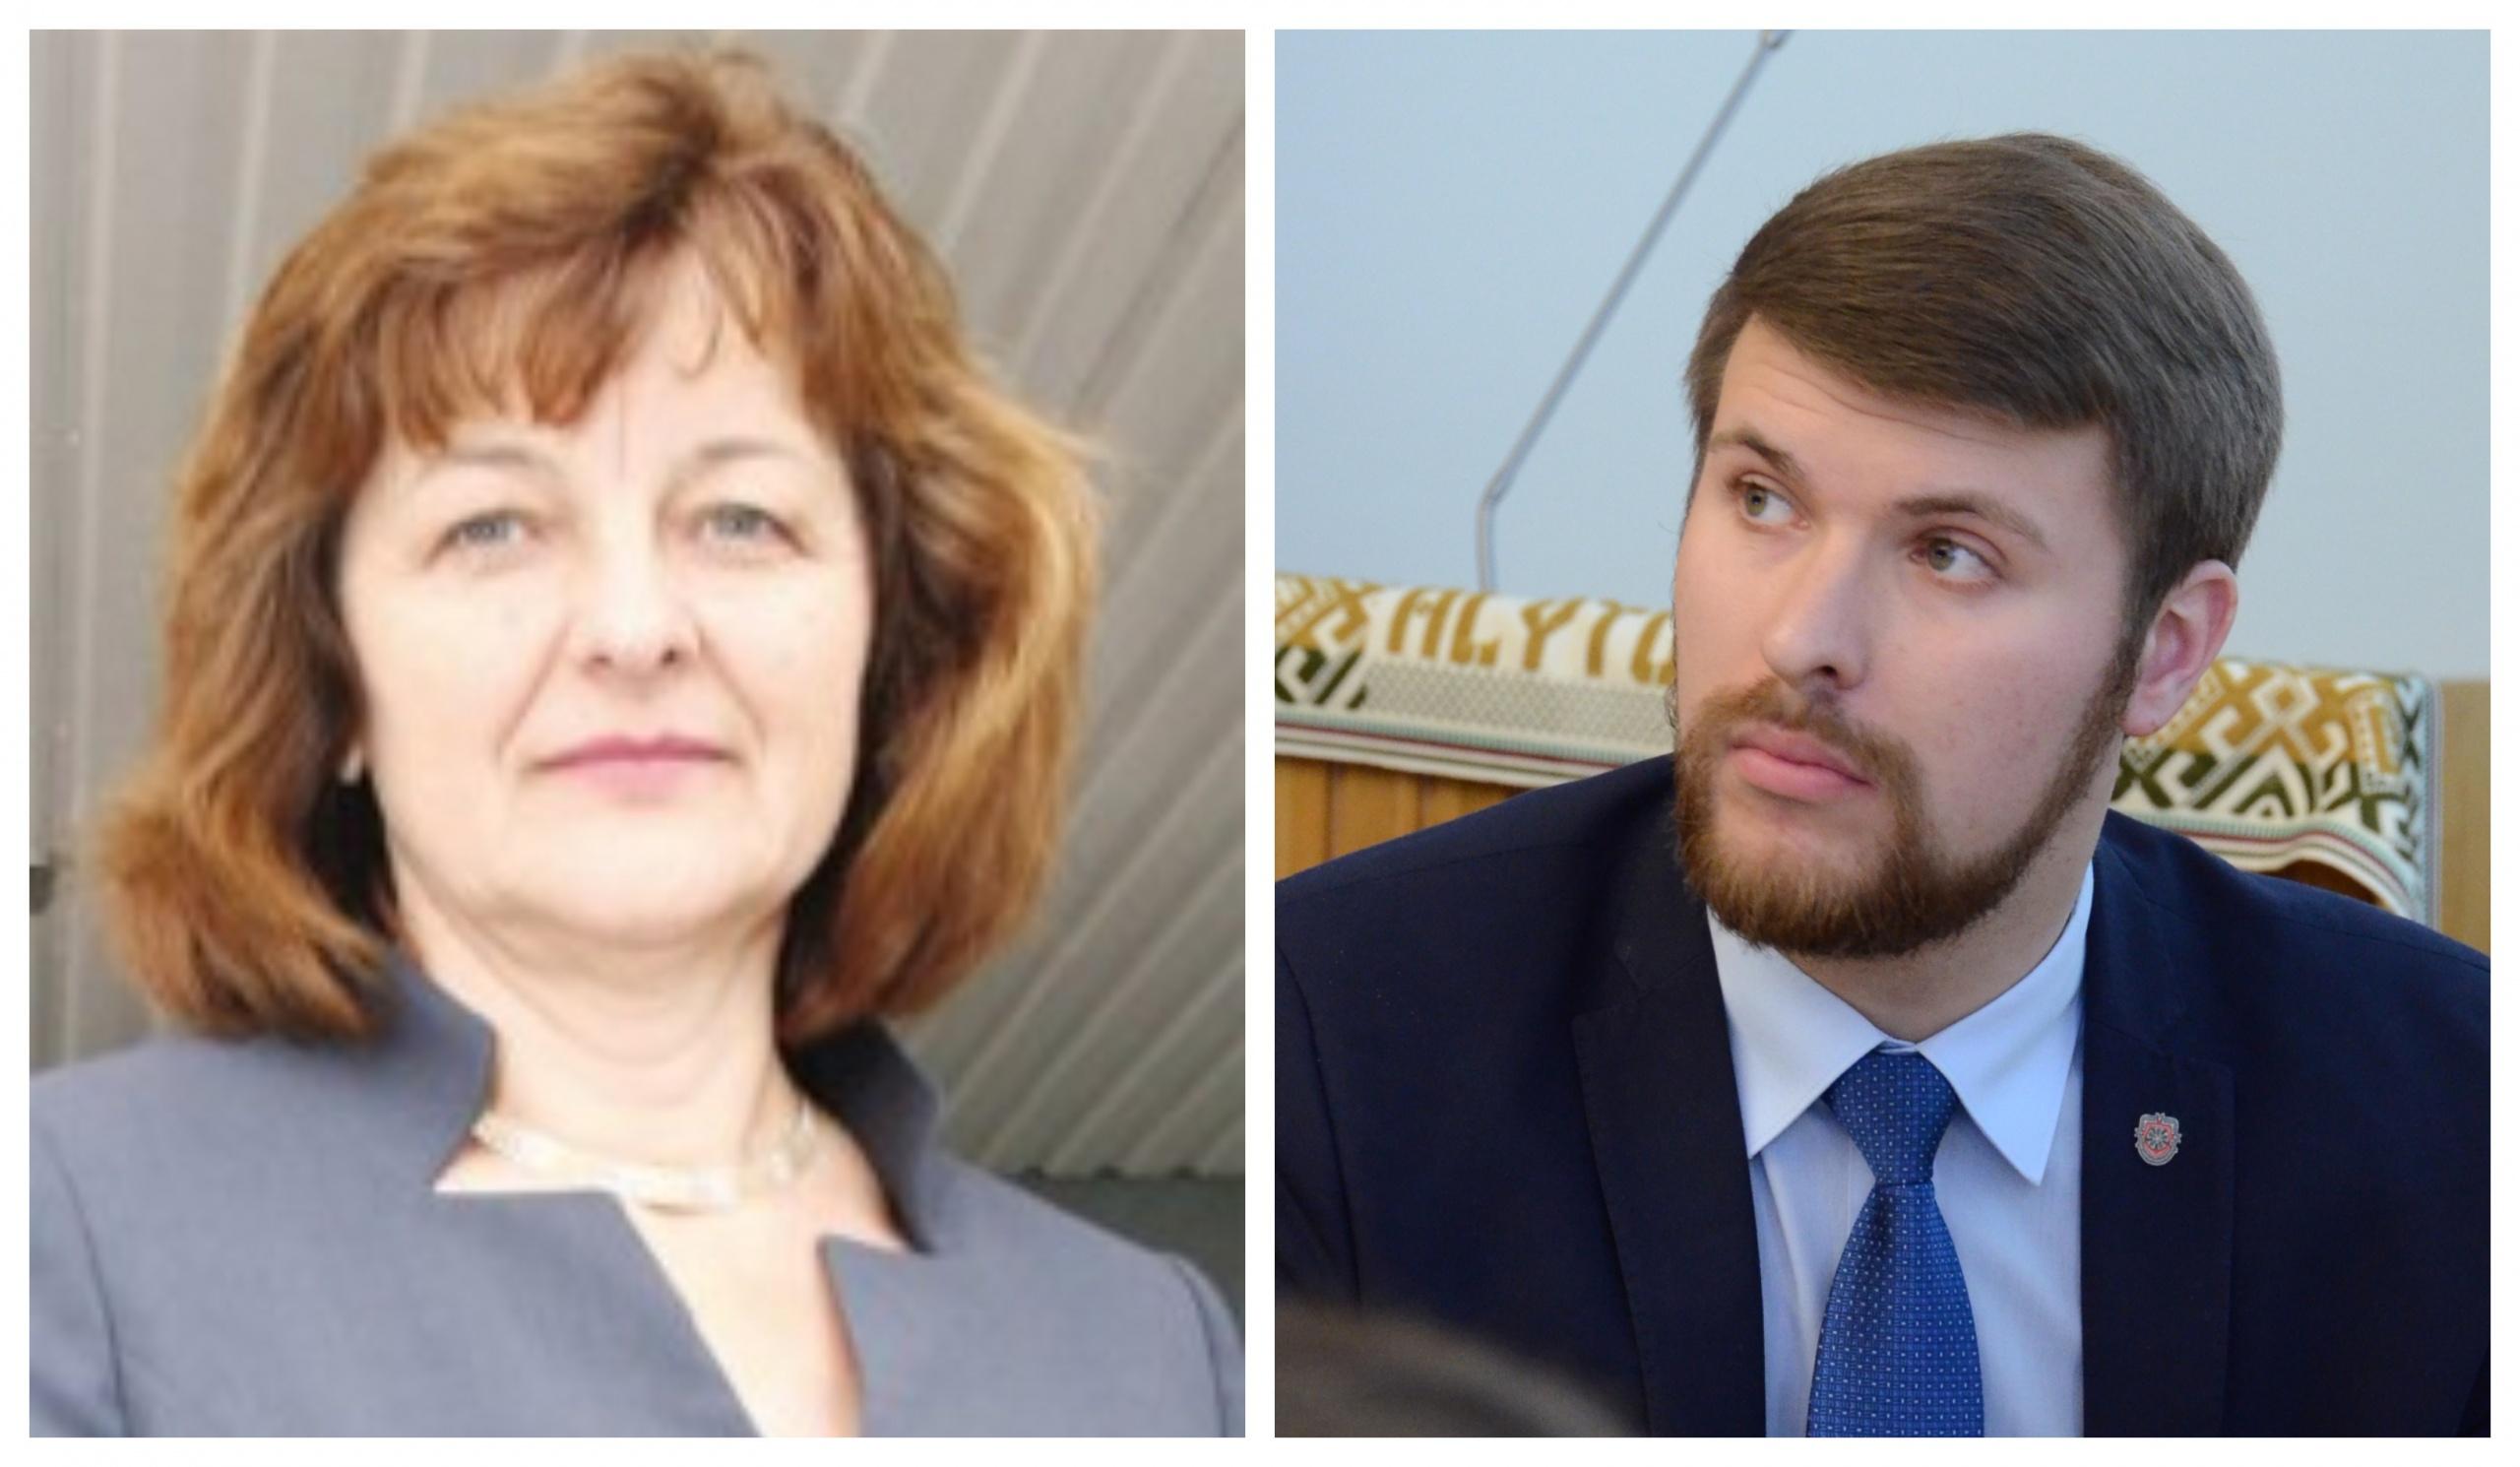 Alytaus miesto valdžios dėlionė: trys naujos politinės figūros ir du kandidatai į postus 17